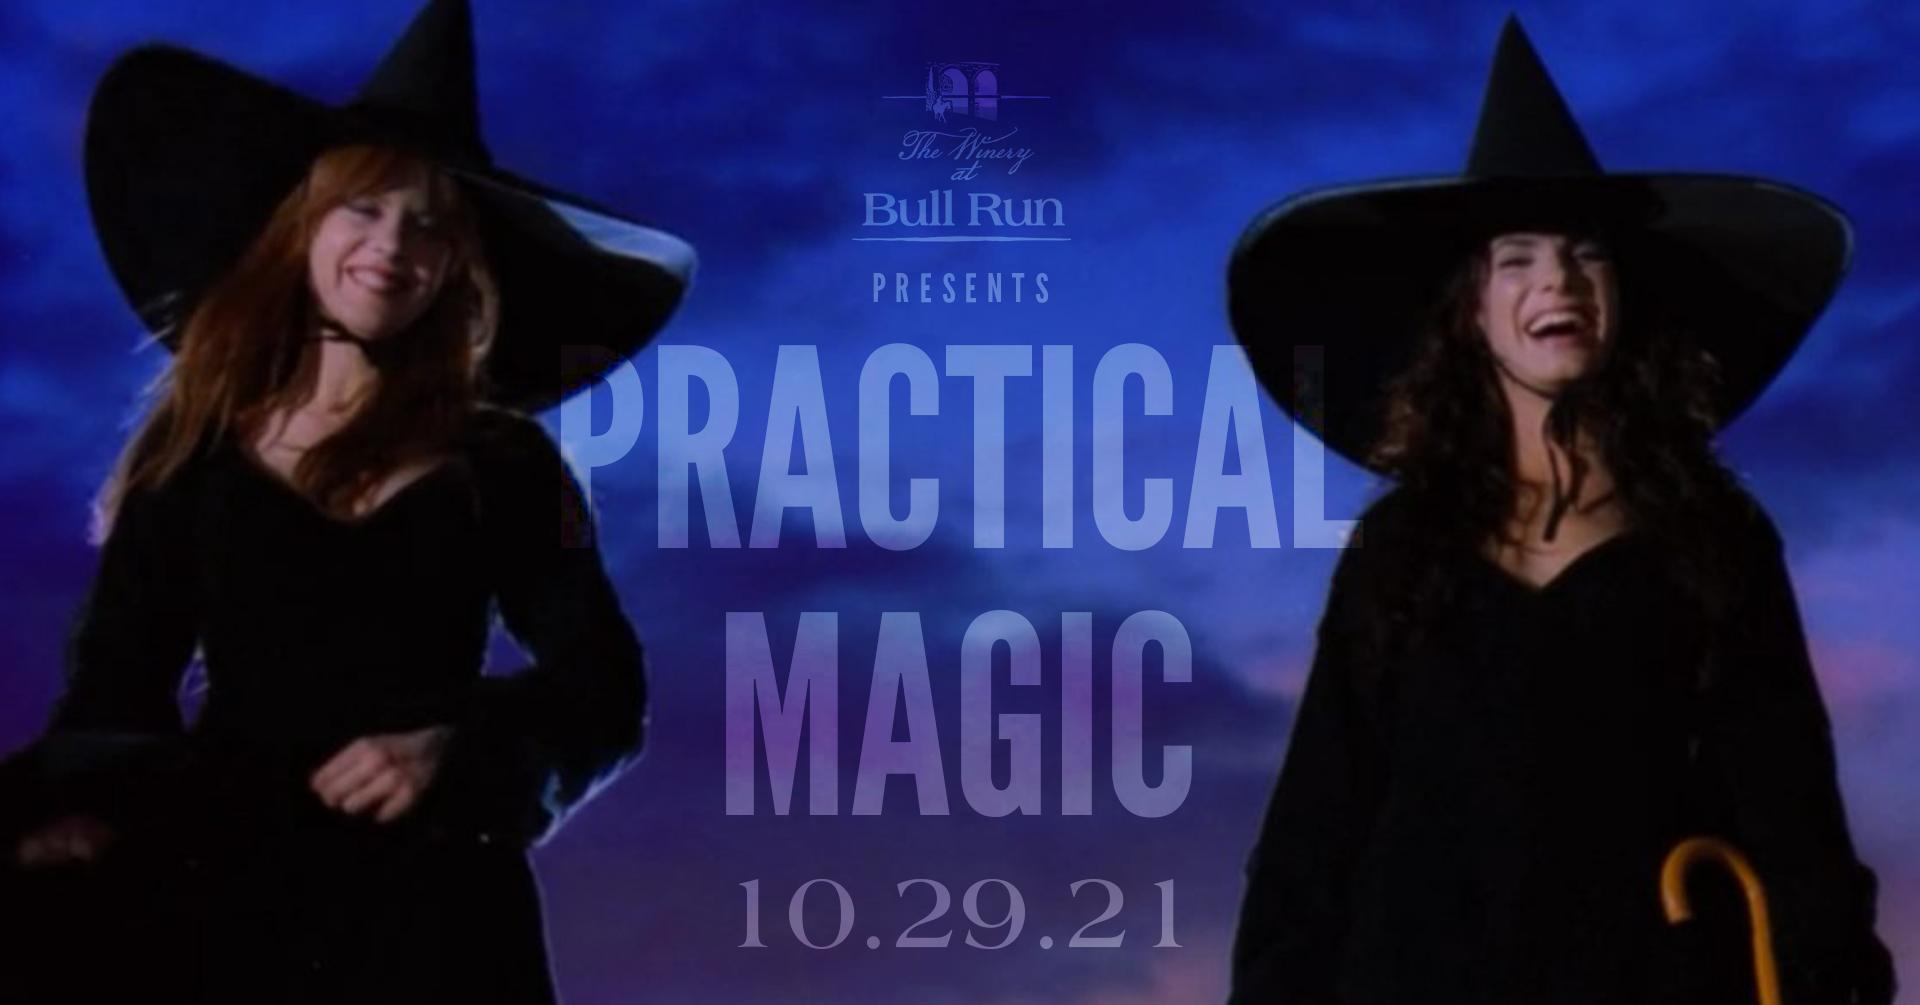 practical magic event